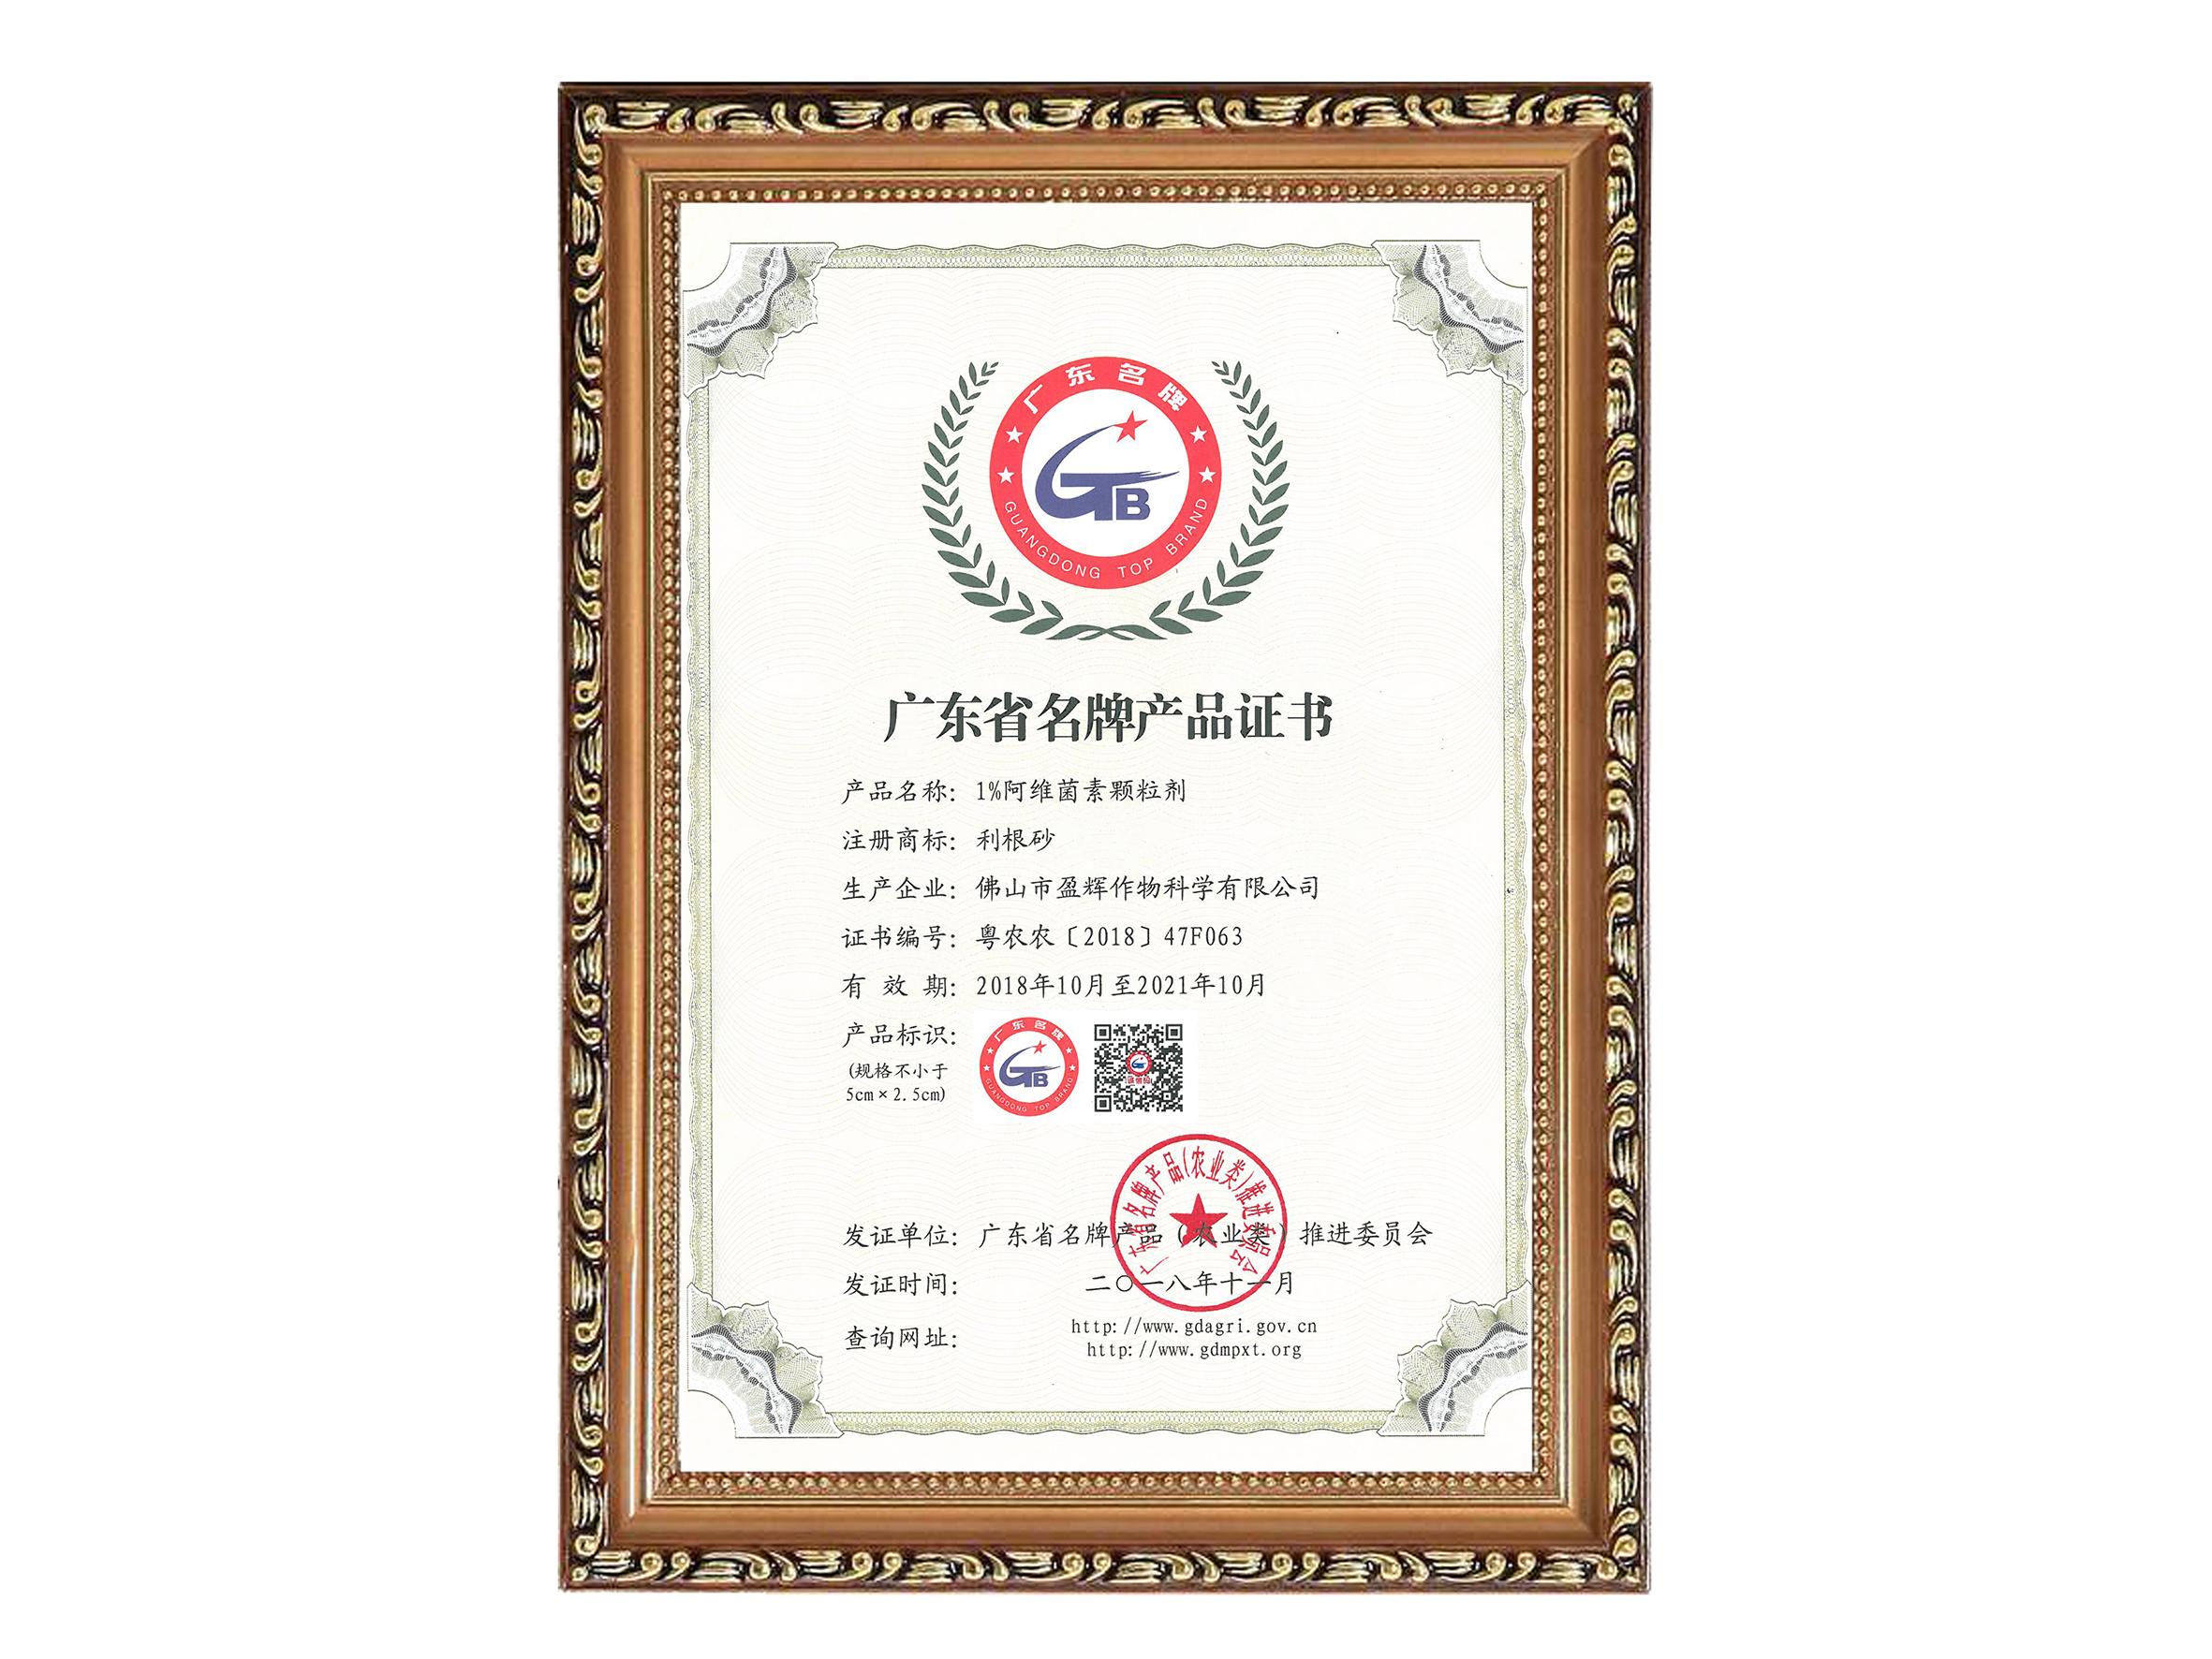 利根砂-广东省名牌产品-2018